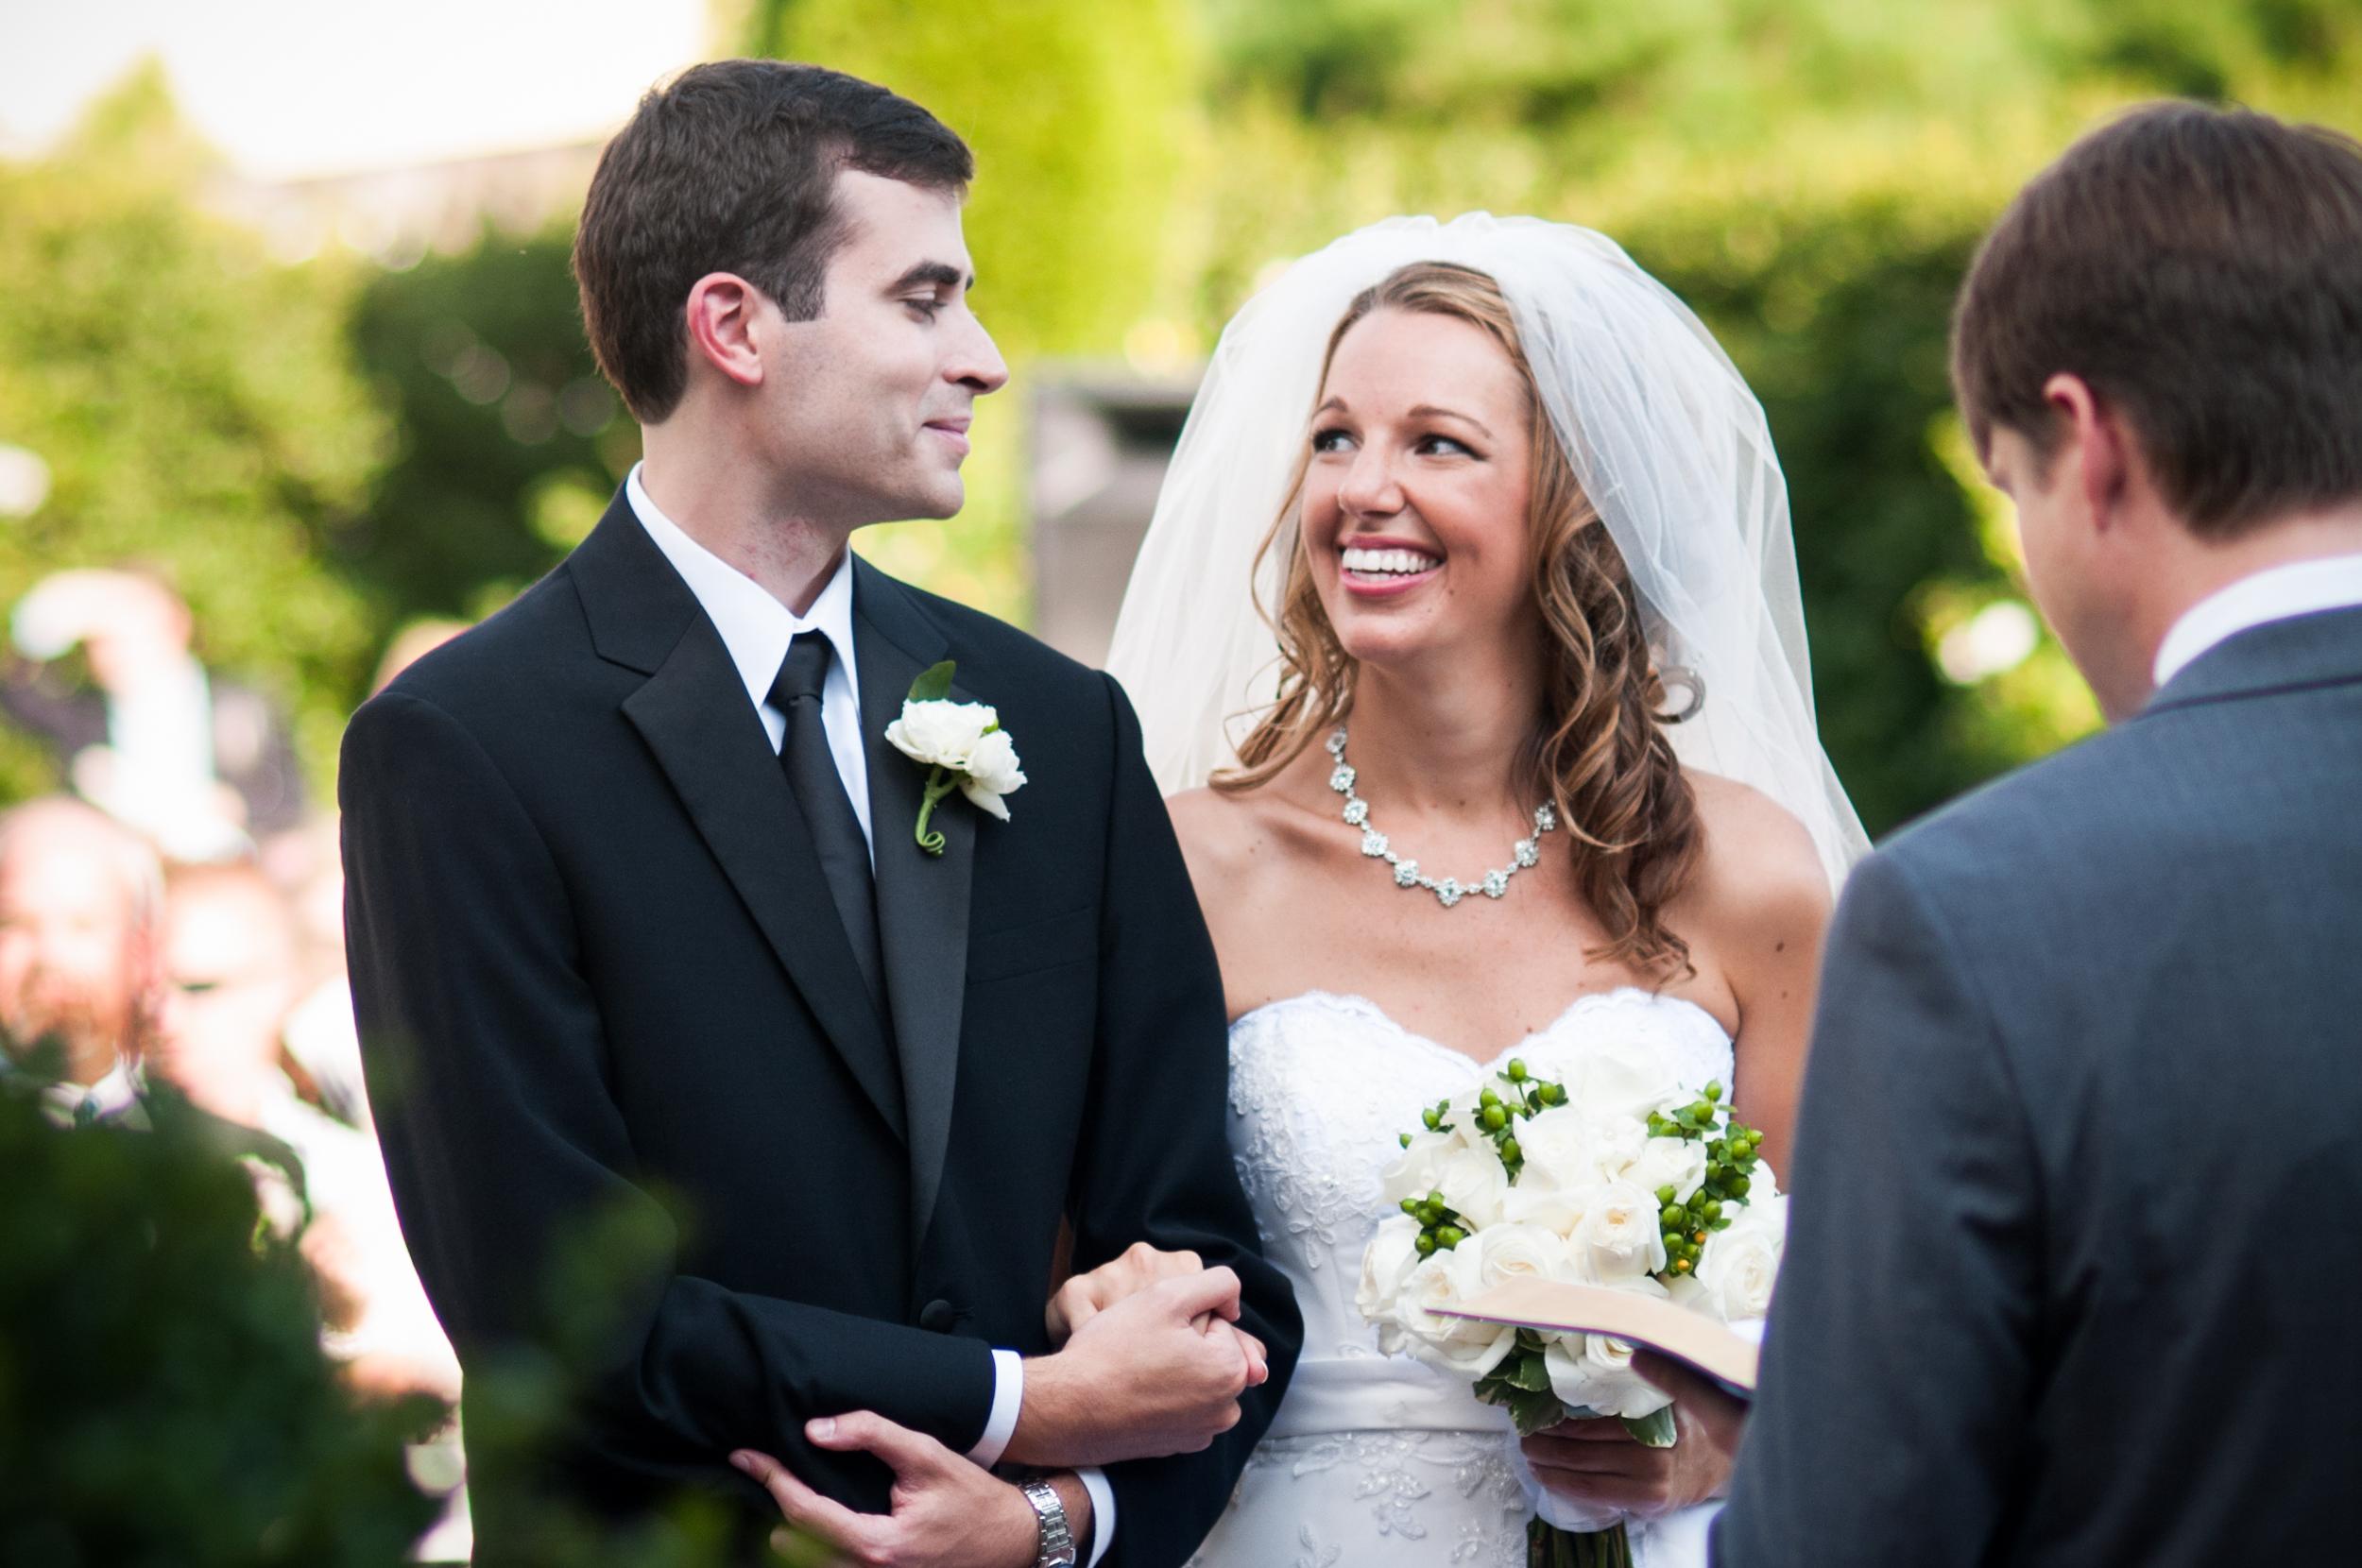 Daniel_Stowe_Botanical_Garden_Wedding-3.jpg